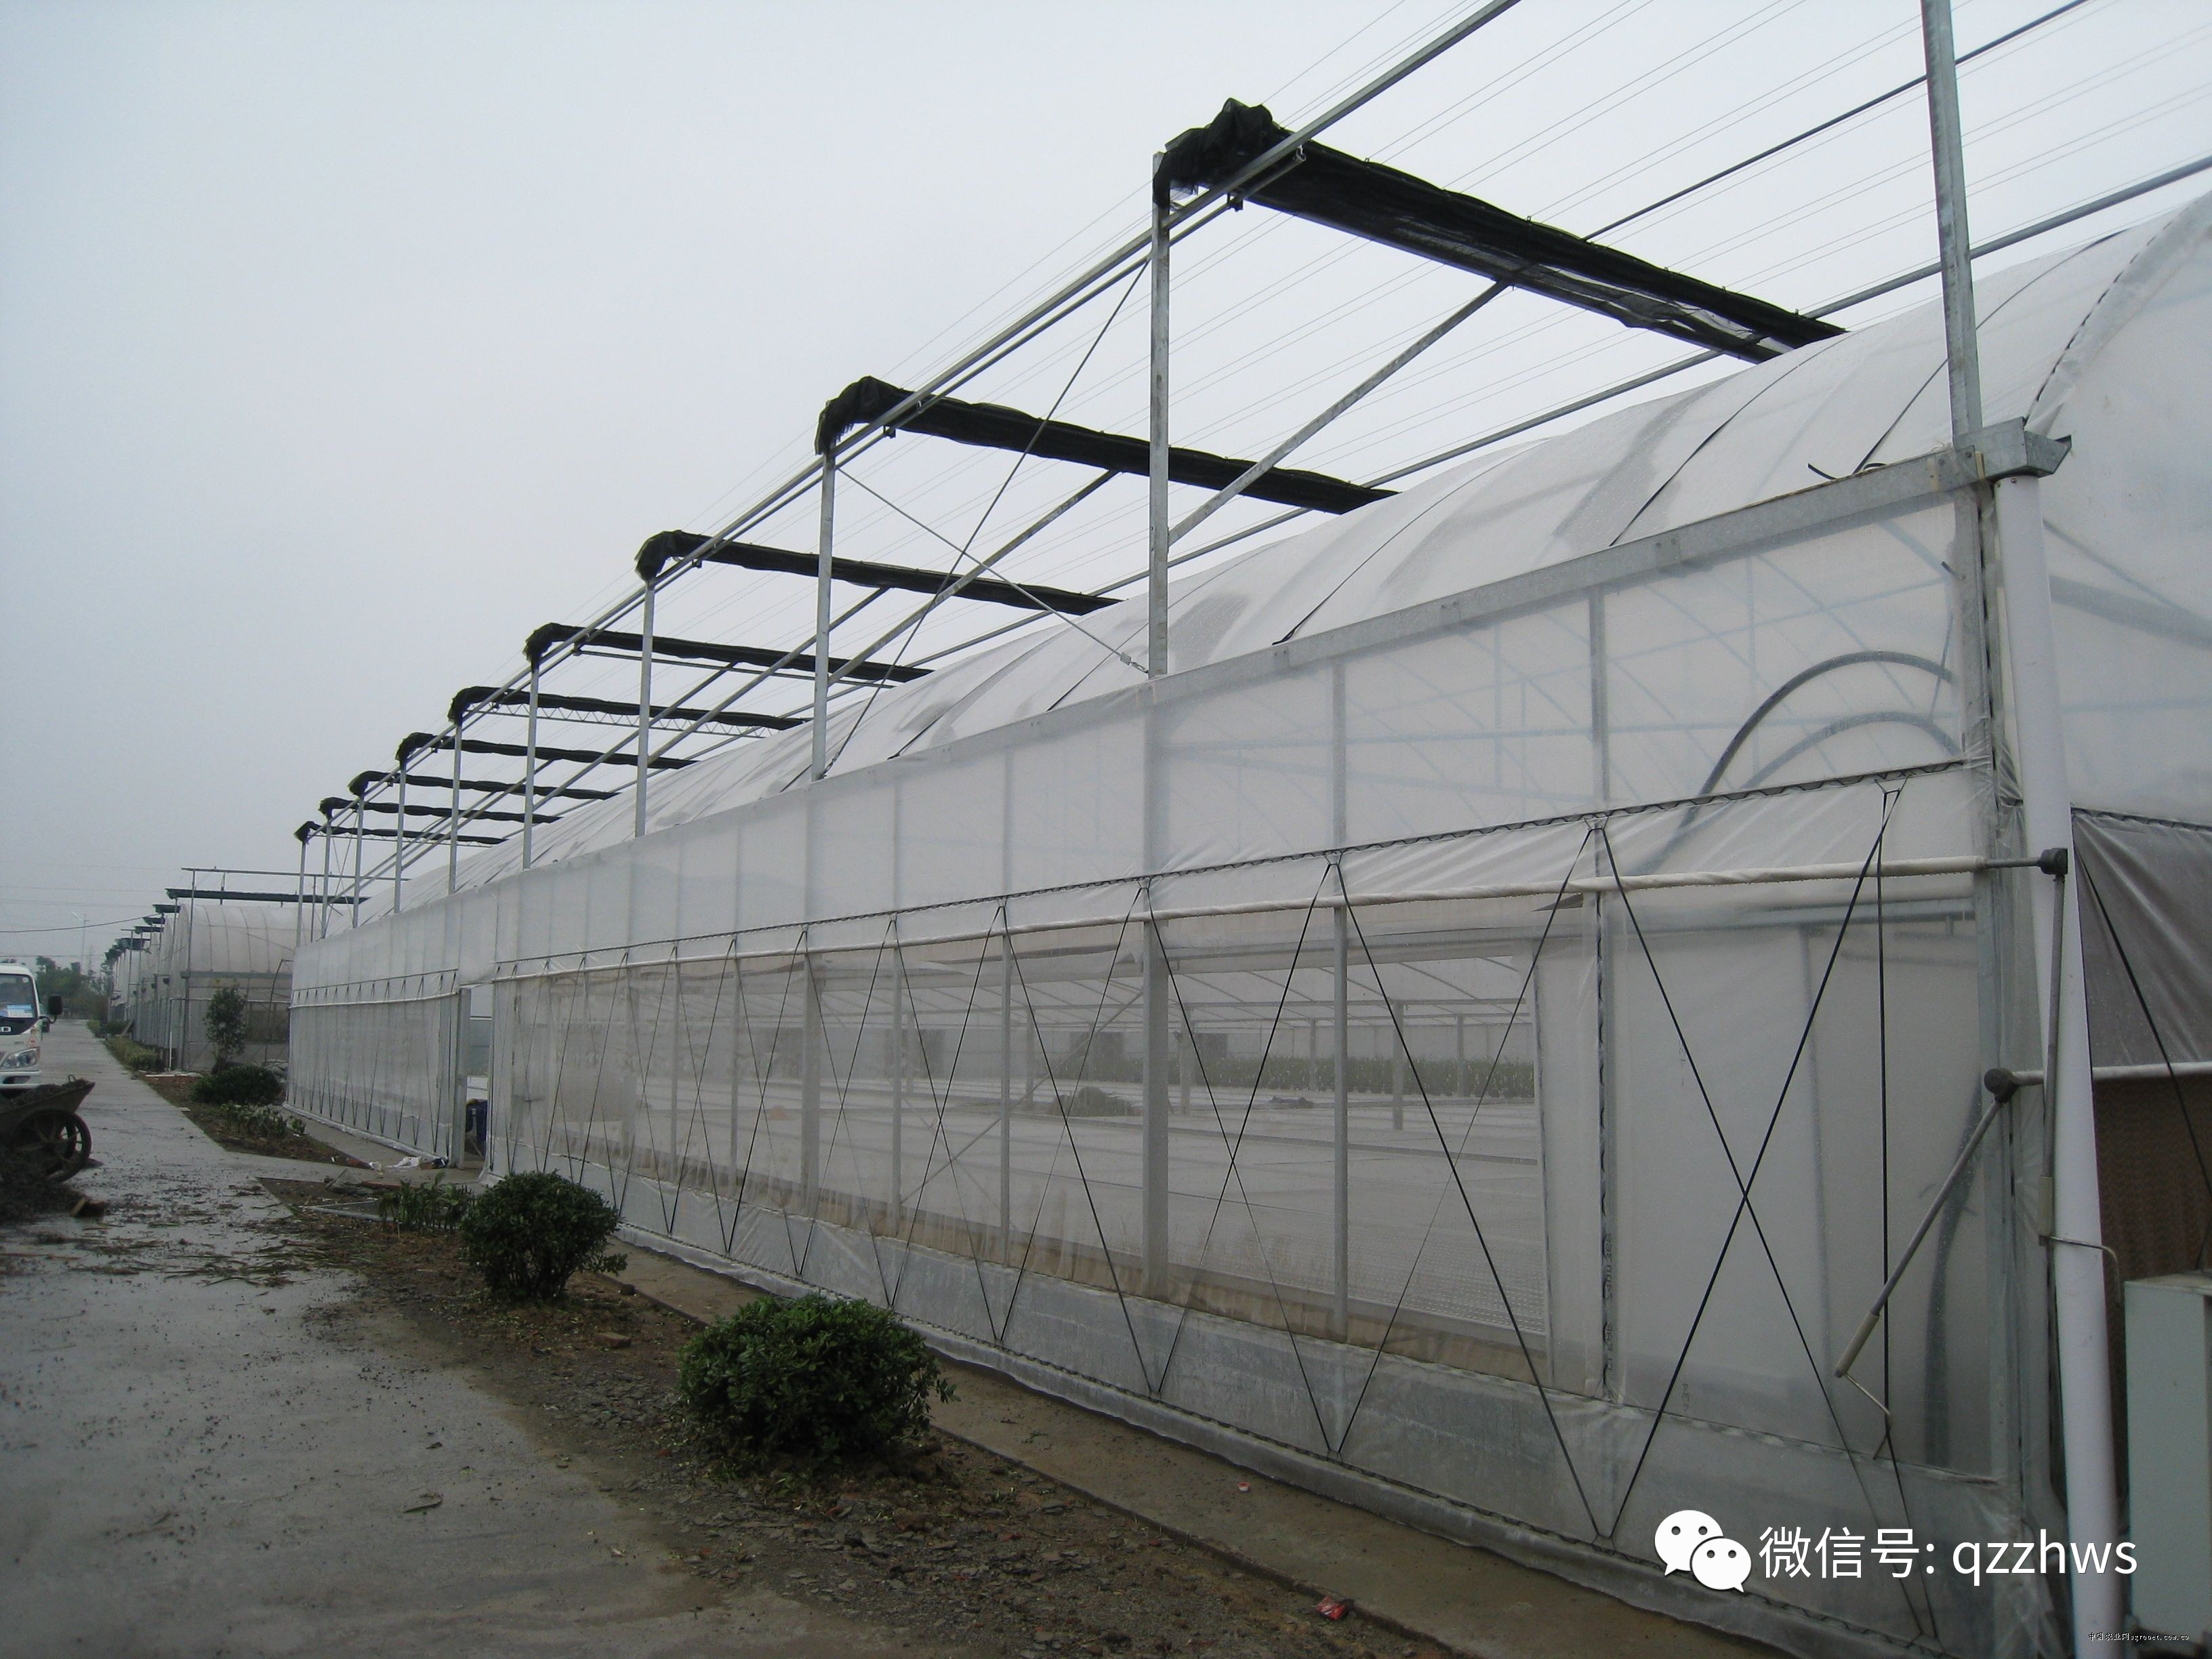 建一个大棚需要多少钱? - 蔬菜种植 - 黔农网